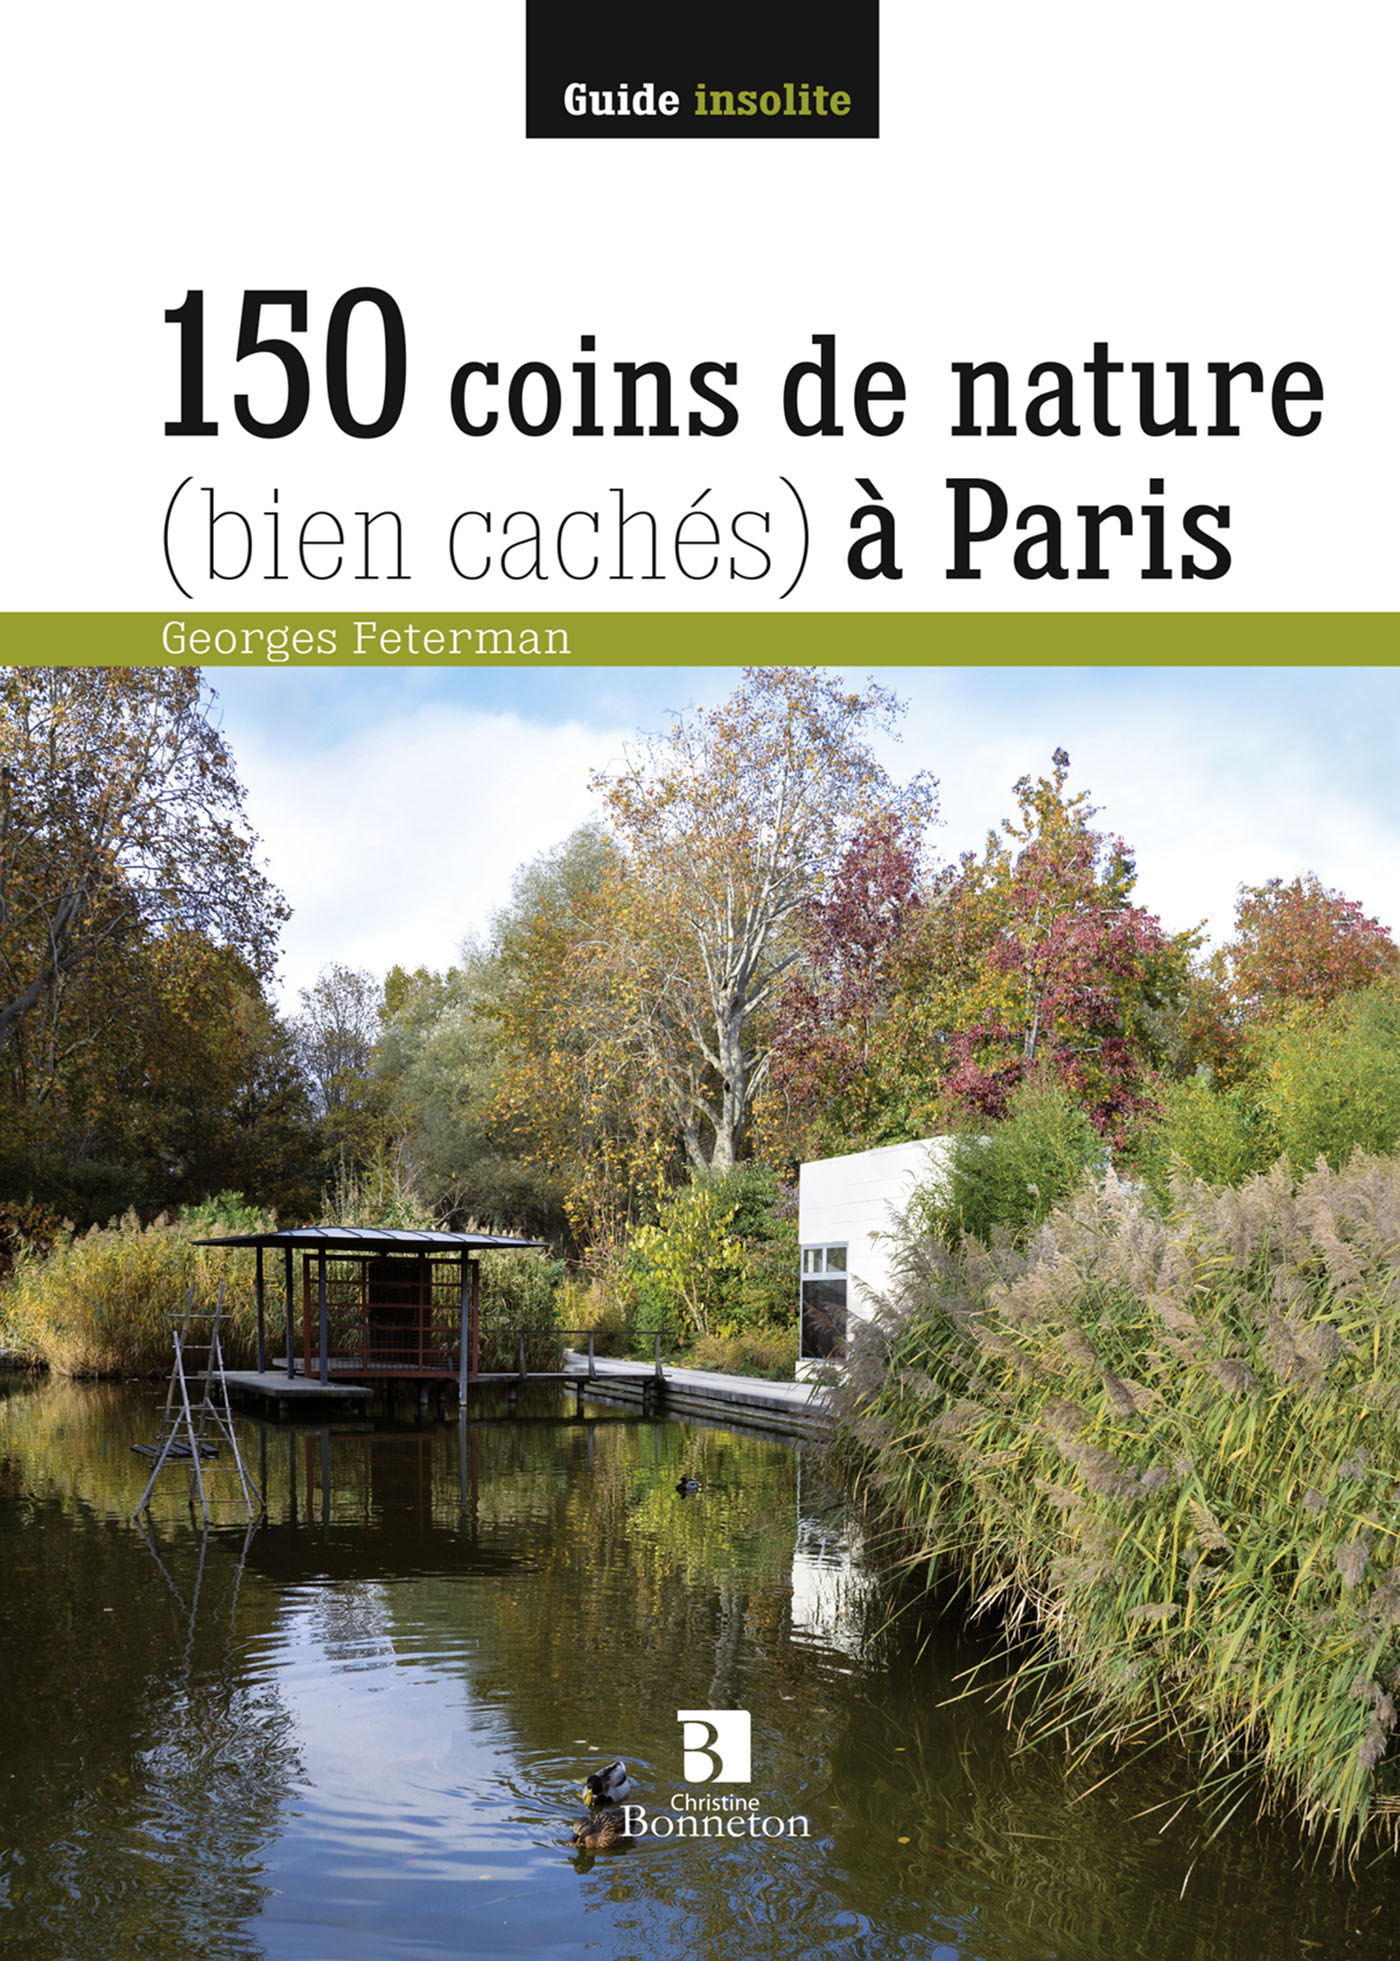 150 COINS DE NATURE, BIEN CACHES, A PARIS